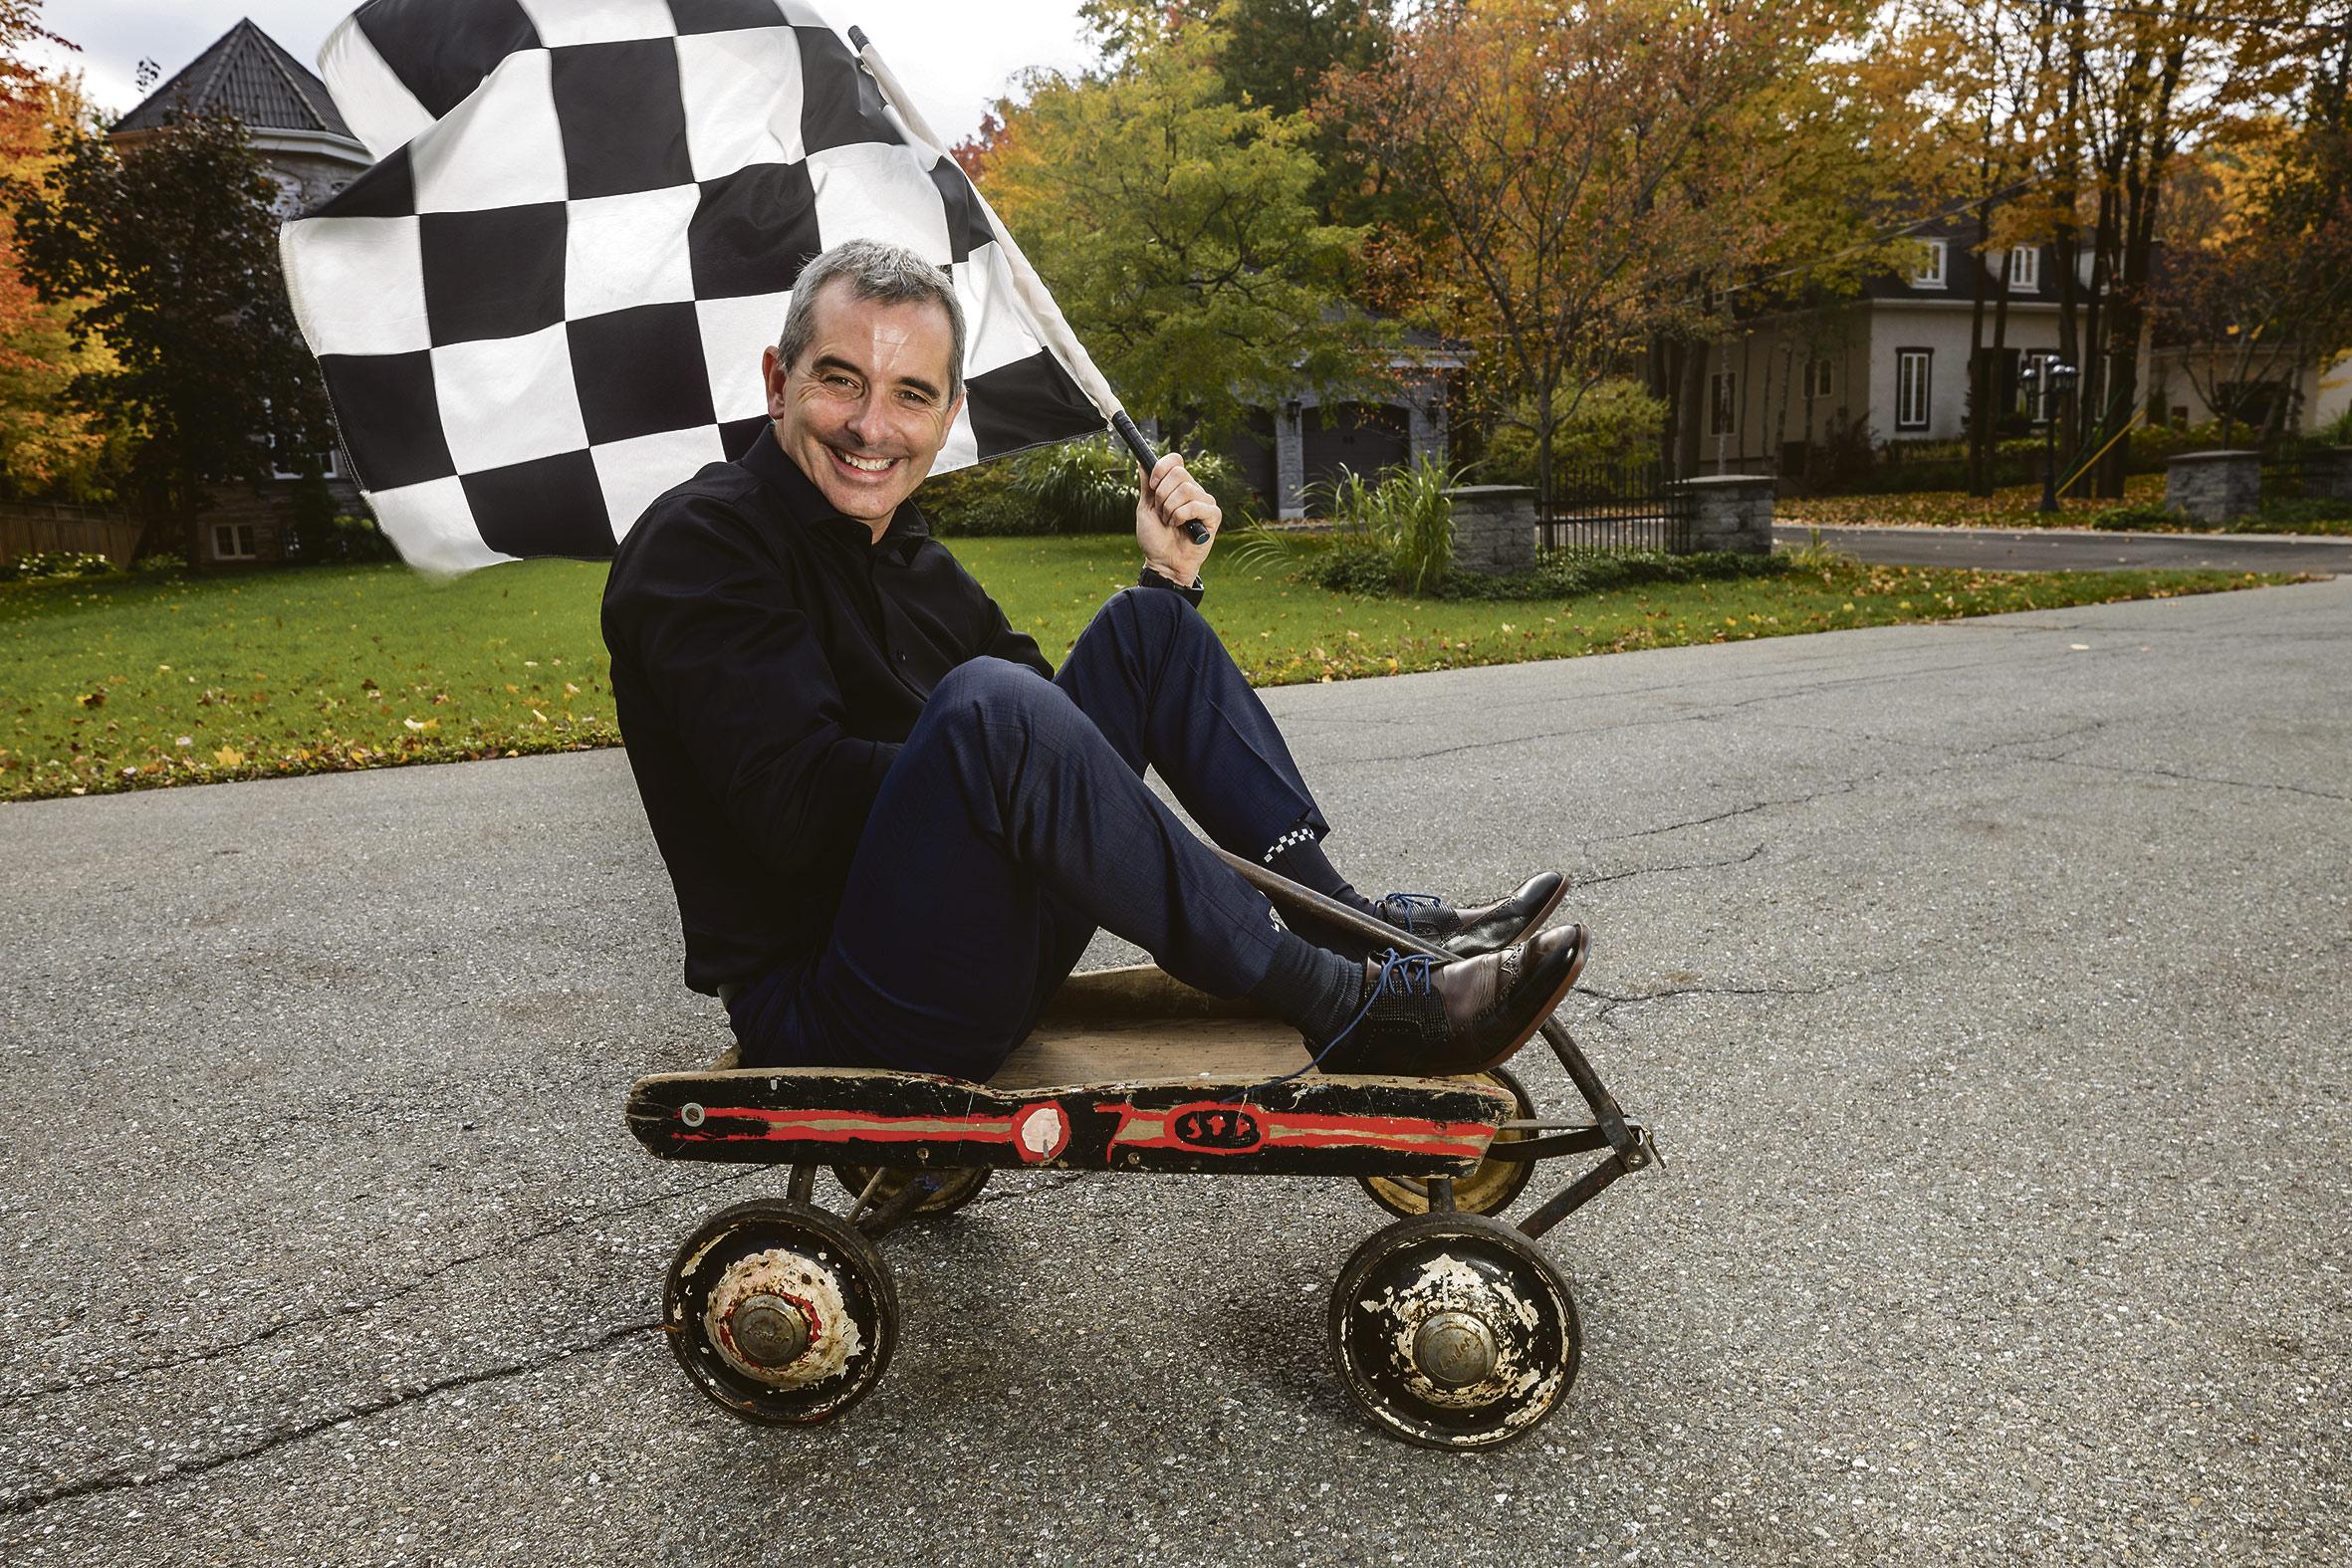 Bertrand Godin sur un chariot avec un drapeau à damier.